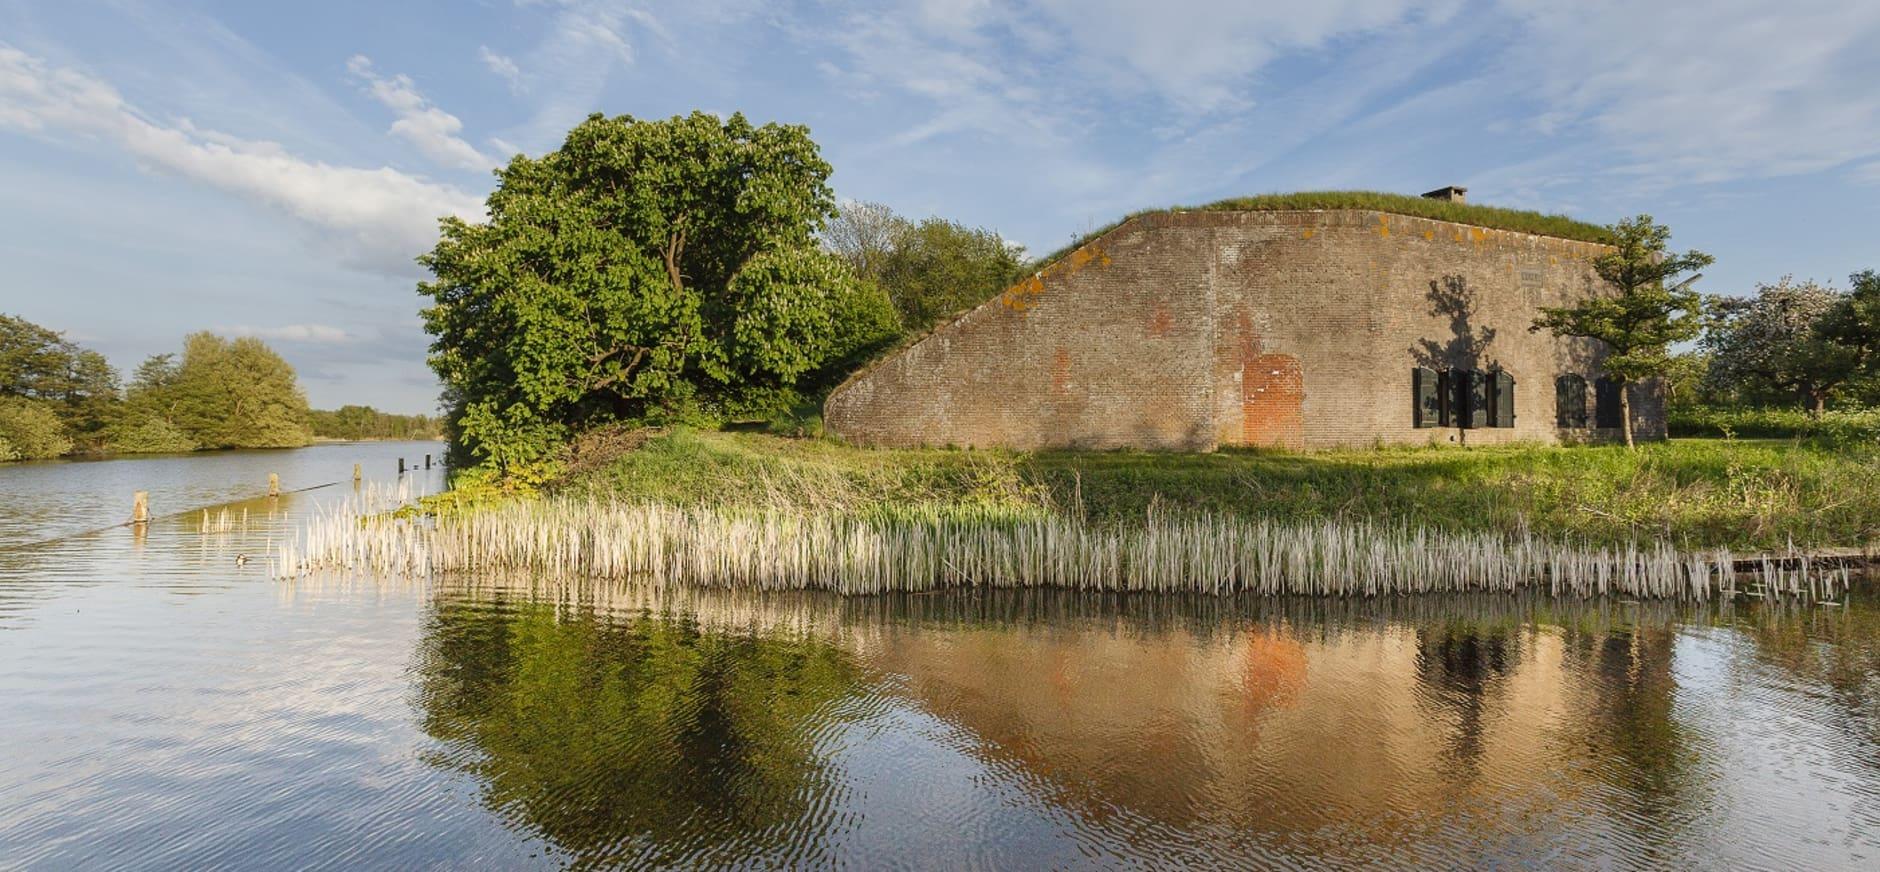 Open Monumentendag 2015: Kijk rond op Fort Kijkuit